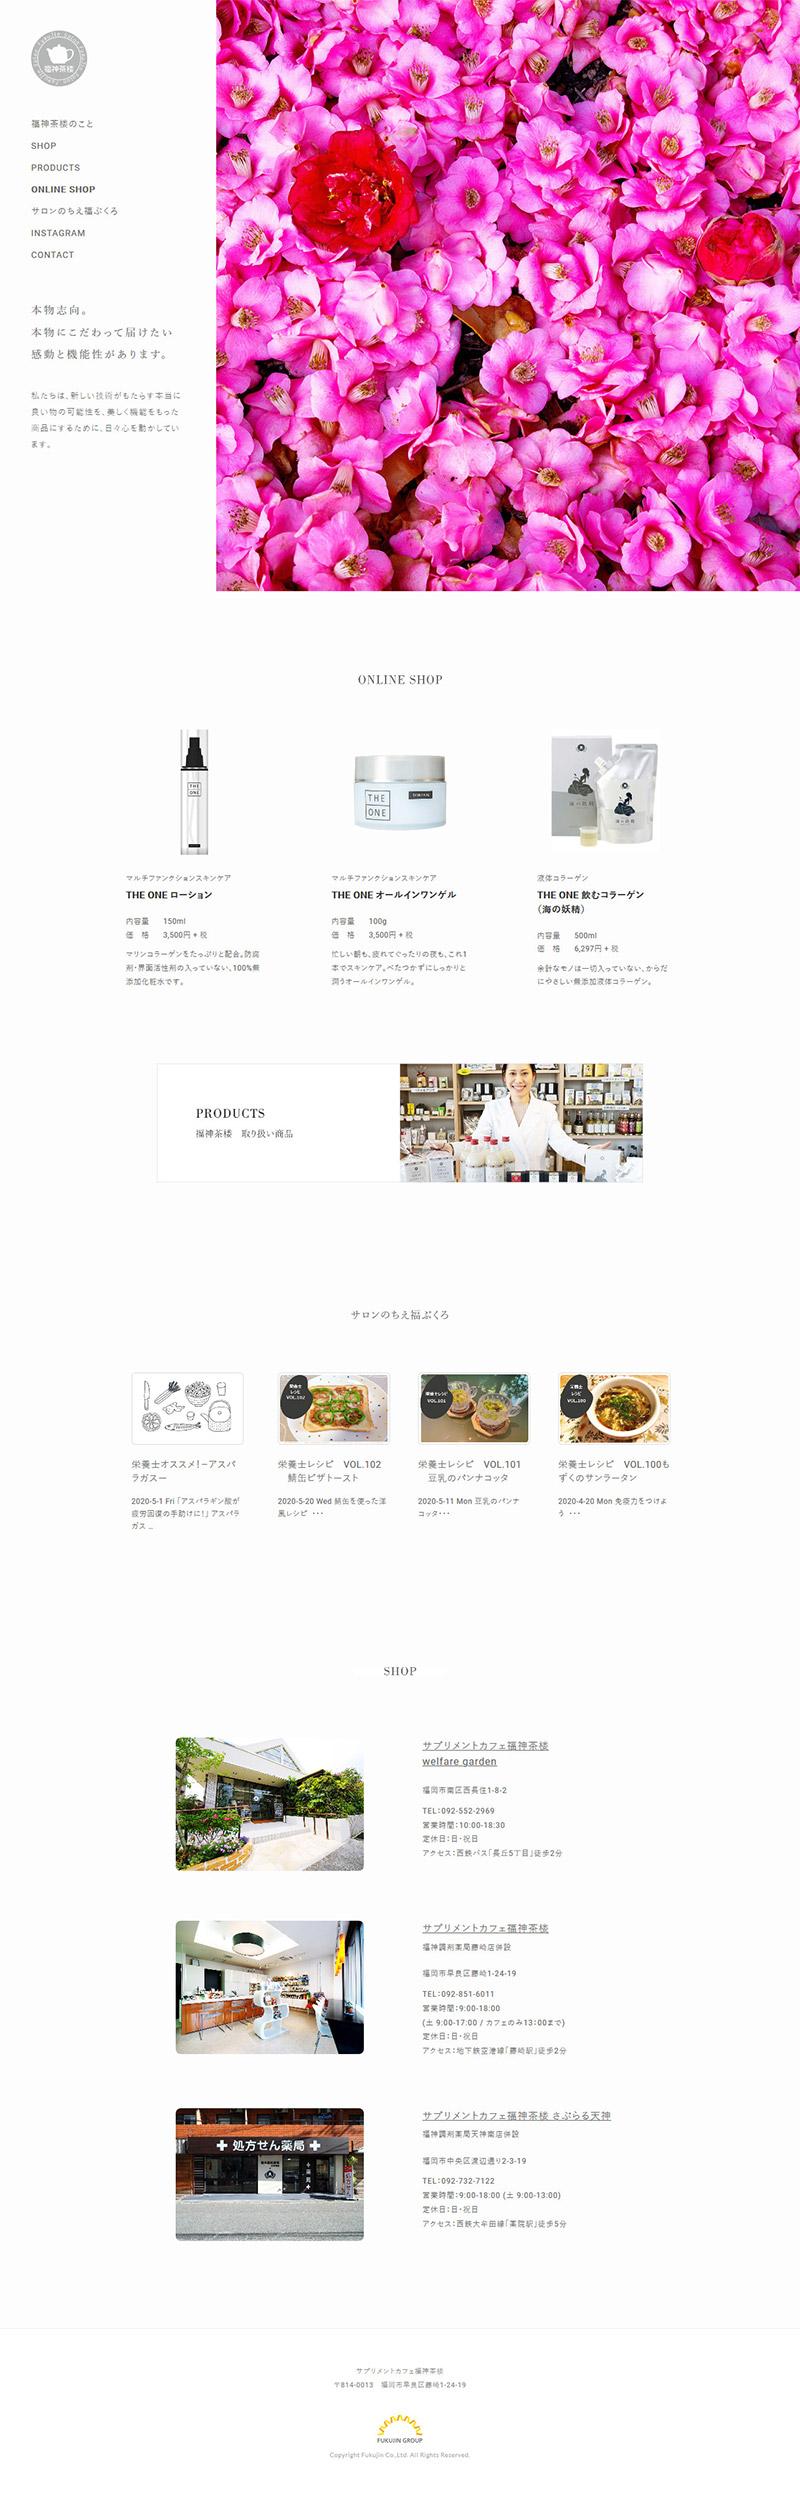 福神茶楼様ウェブサイト